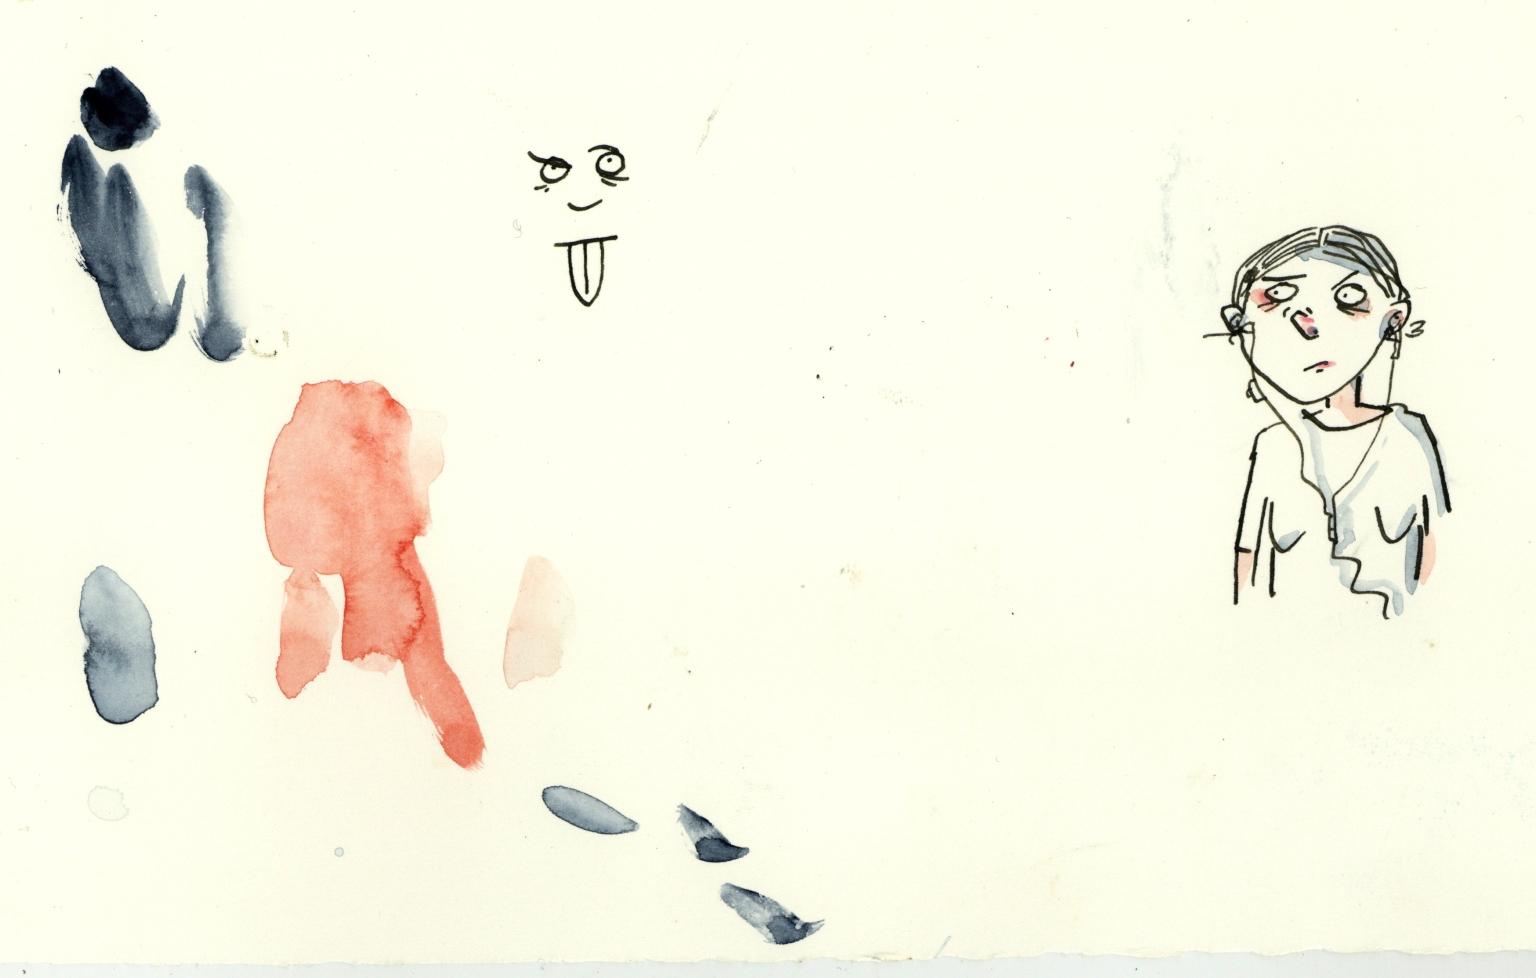 selbstdarstellendes Portrait meines momentanen Ich-Zustands. Mit Flecken.